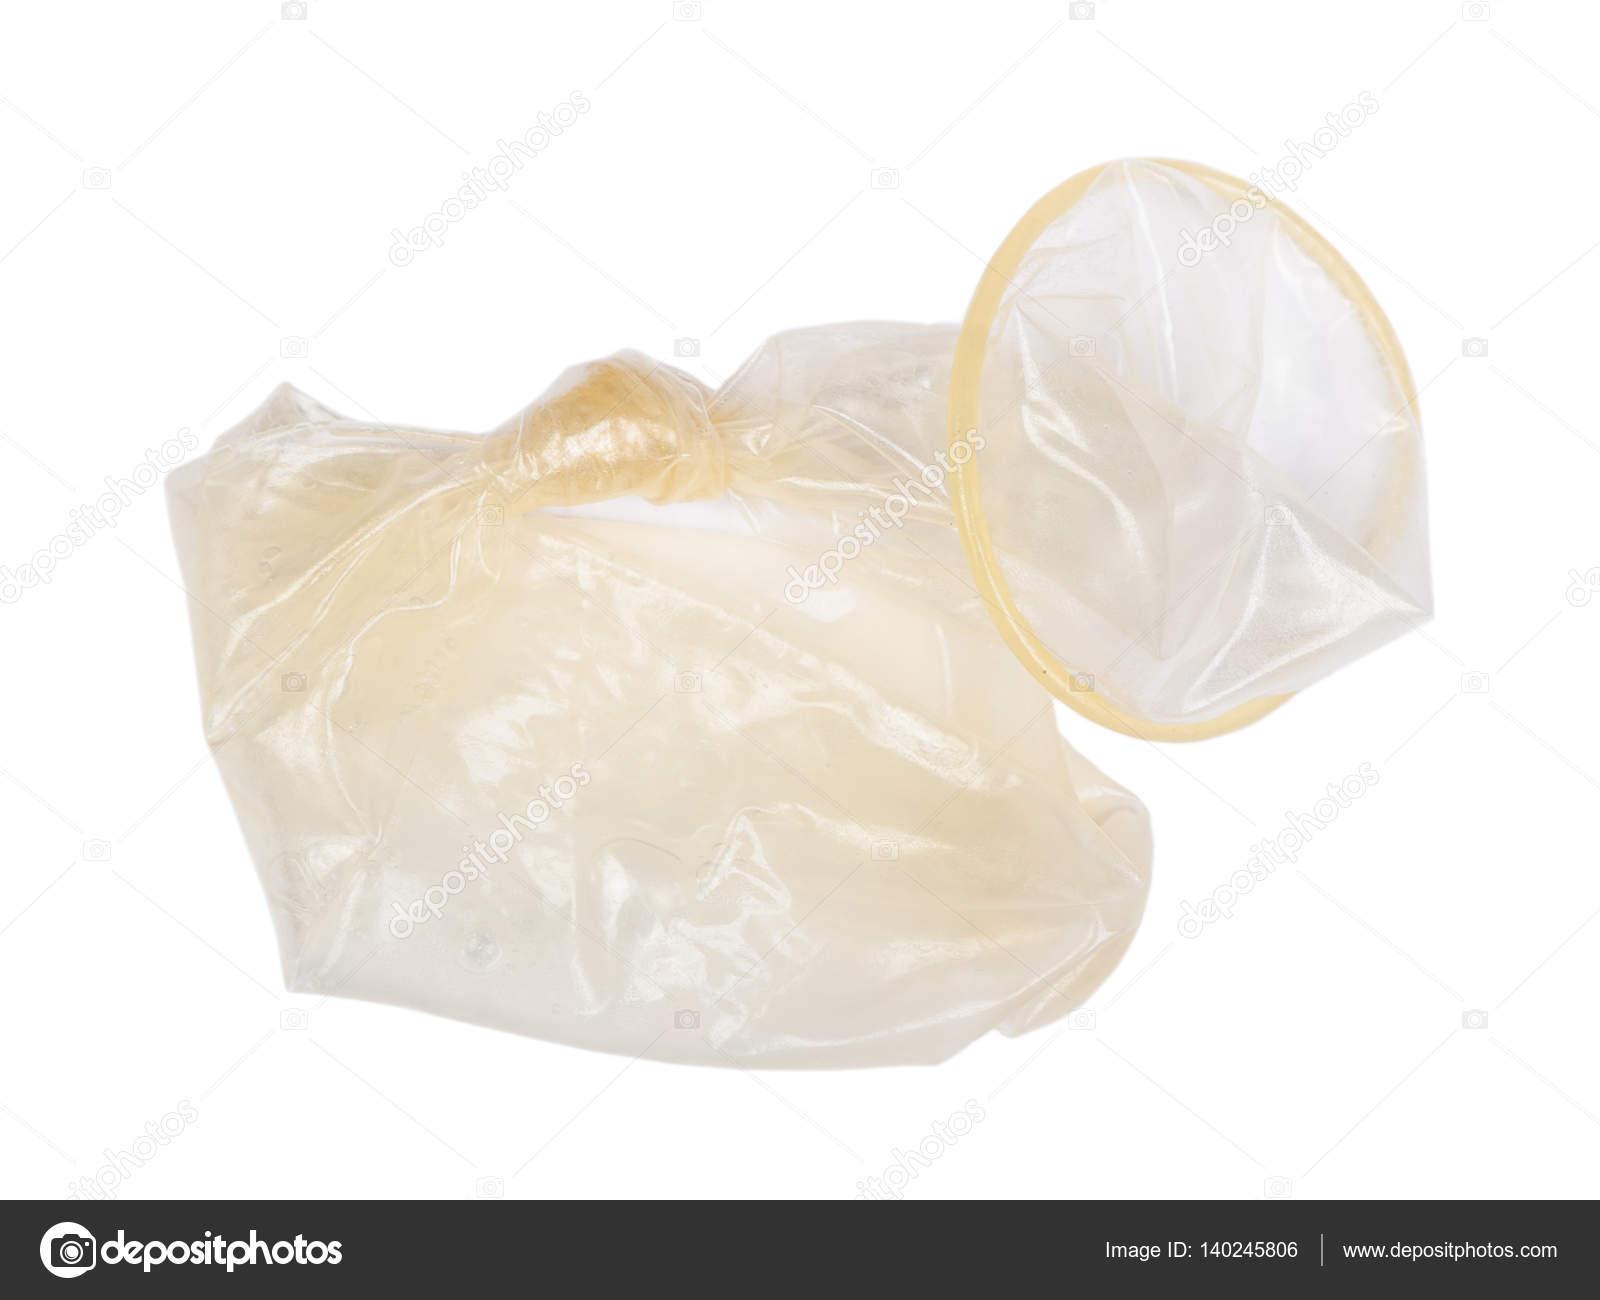 Шлюхи москвы секс без презерватива, Услуги проституток Москвы без презерватива 22 фотография